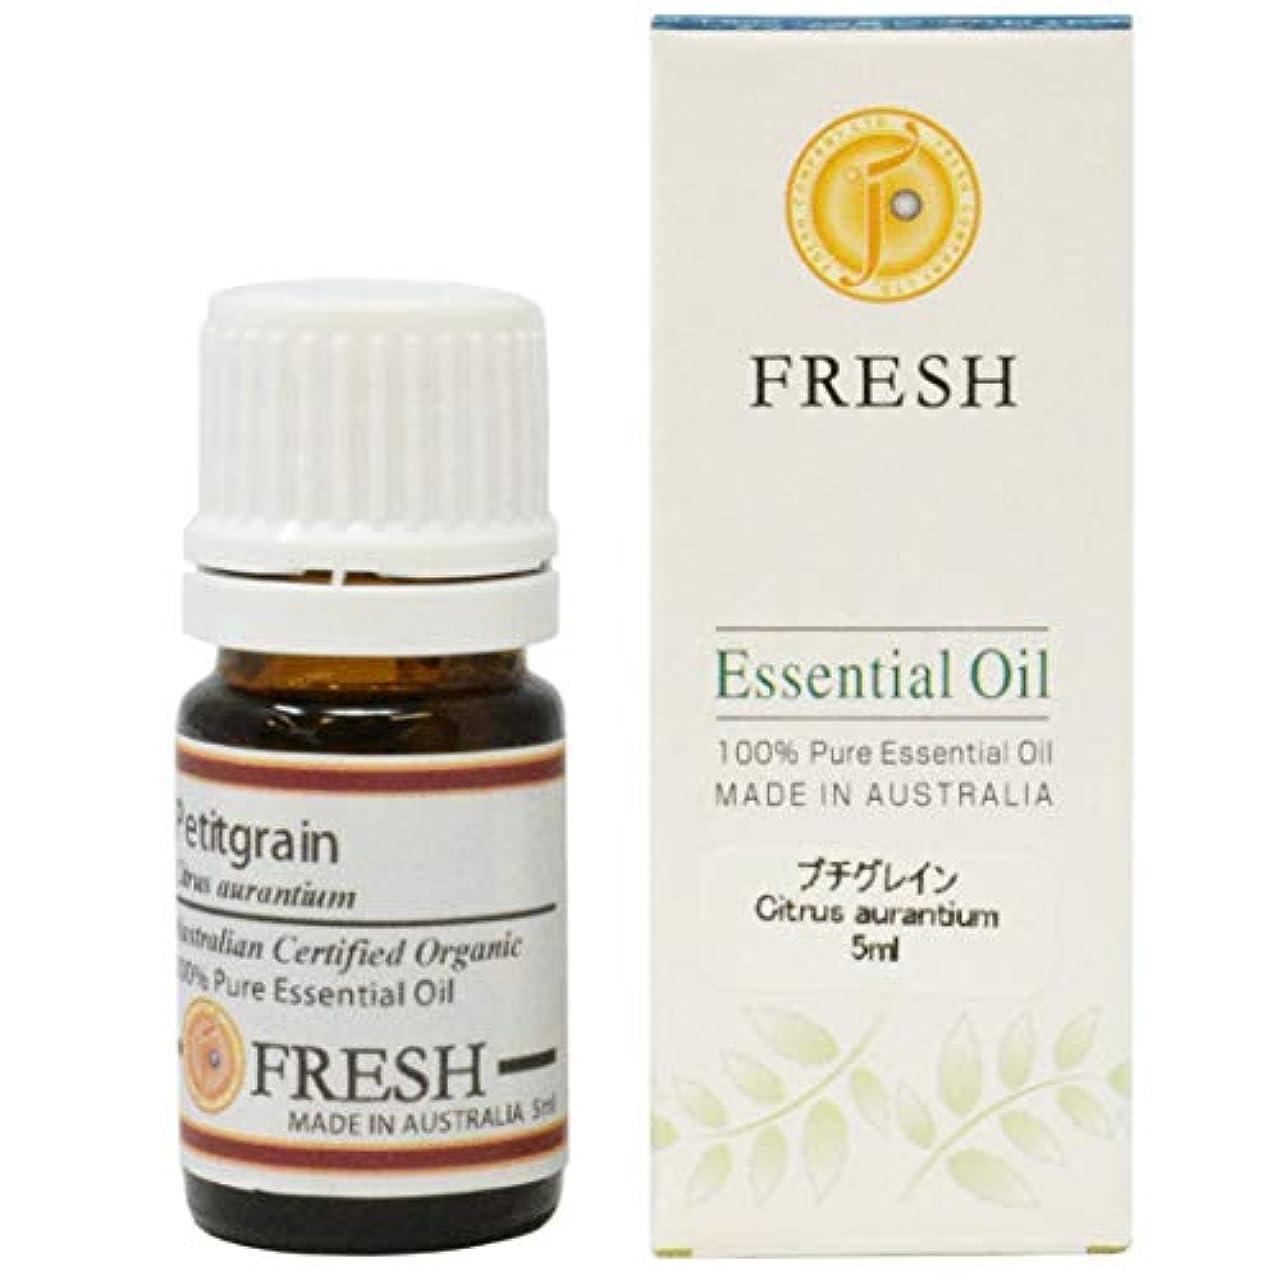 FRESH オーガニック エッセンシャルオイル プチグレイン 5ml (FRESH 精油)